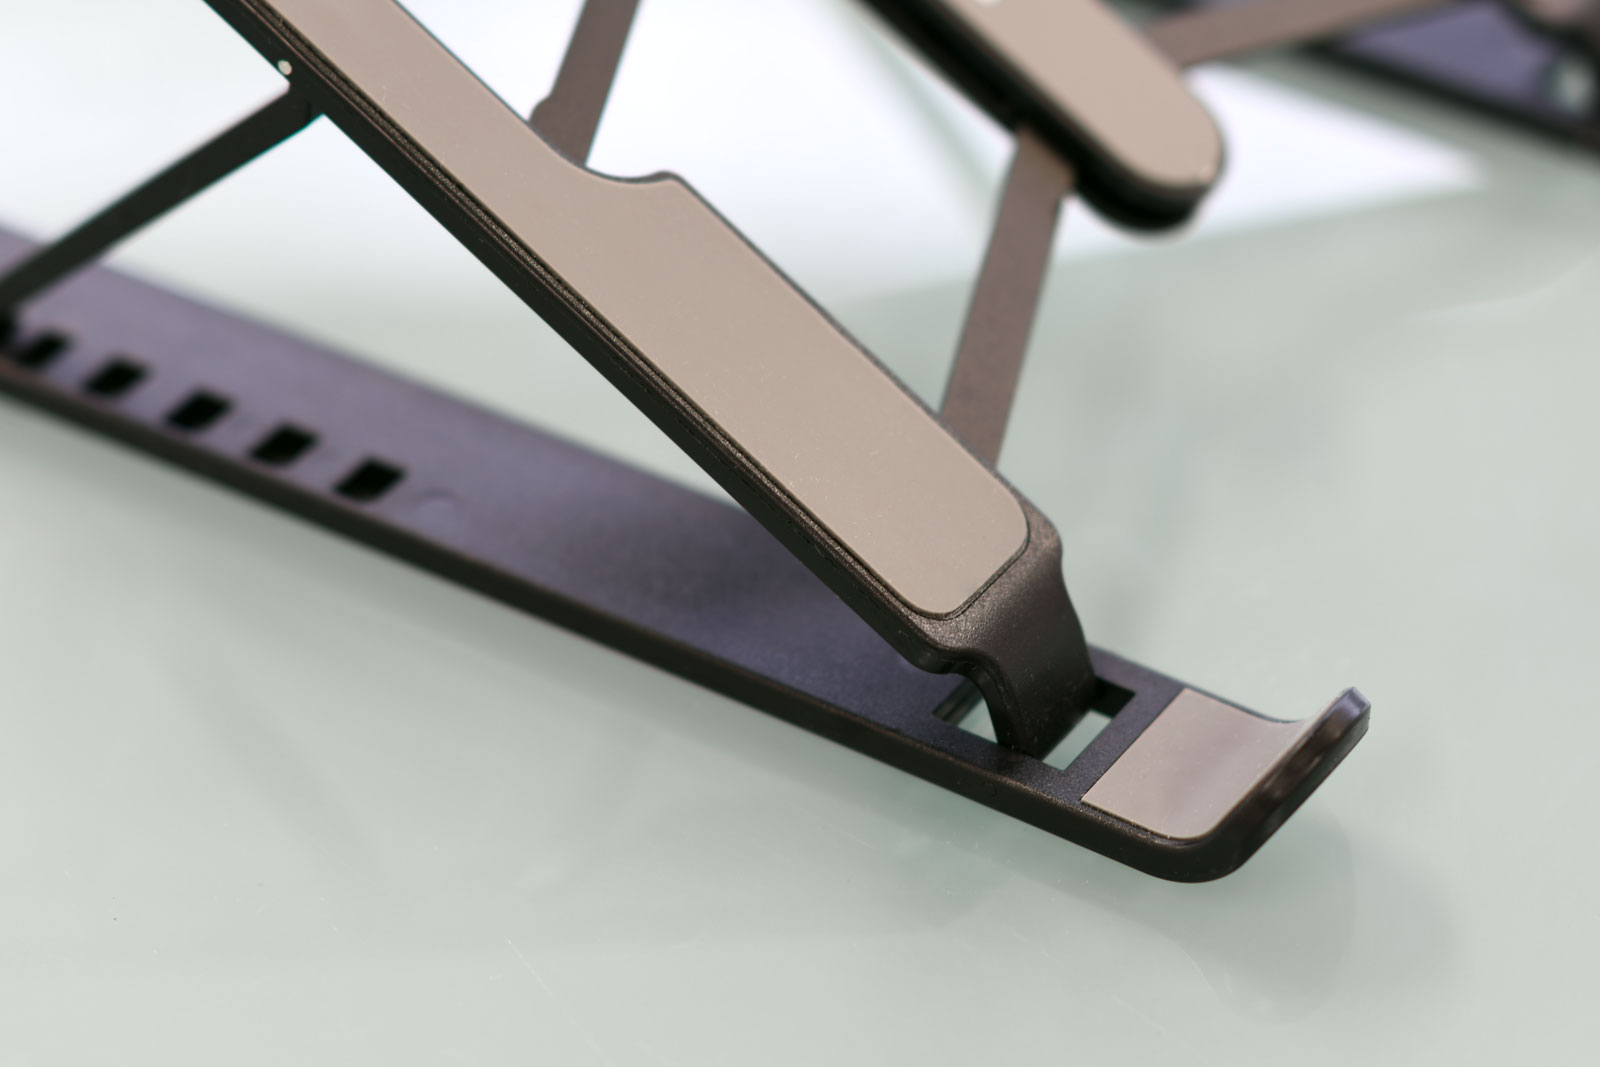 軽量化と安定性を両立した実用性重視のデザイン